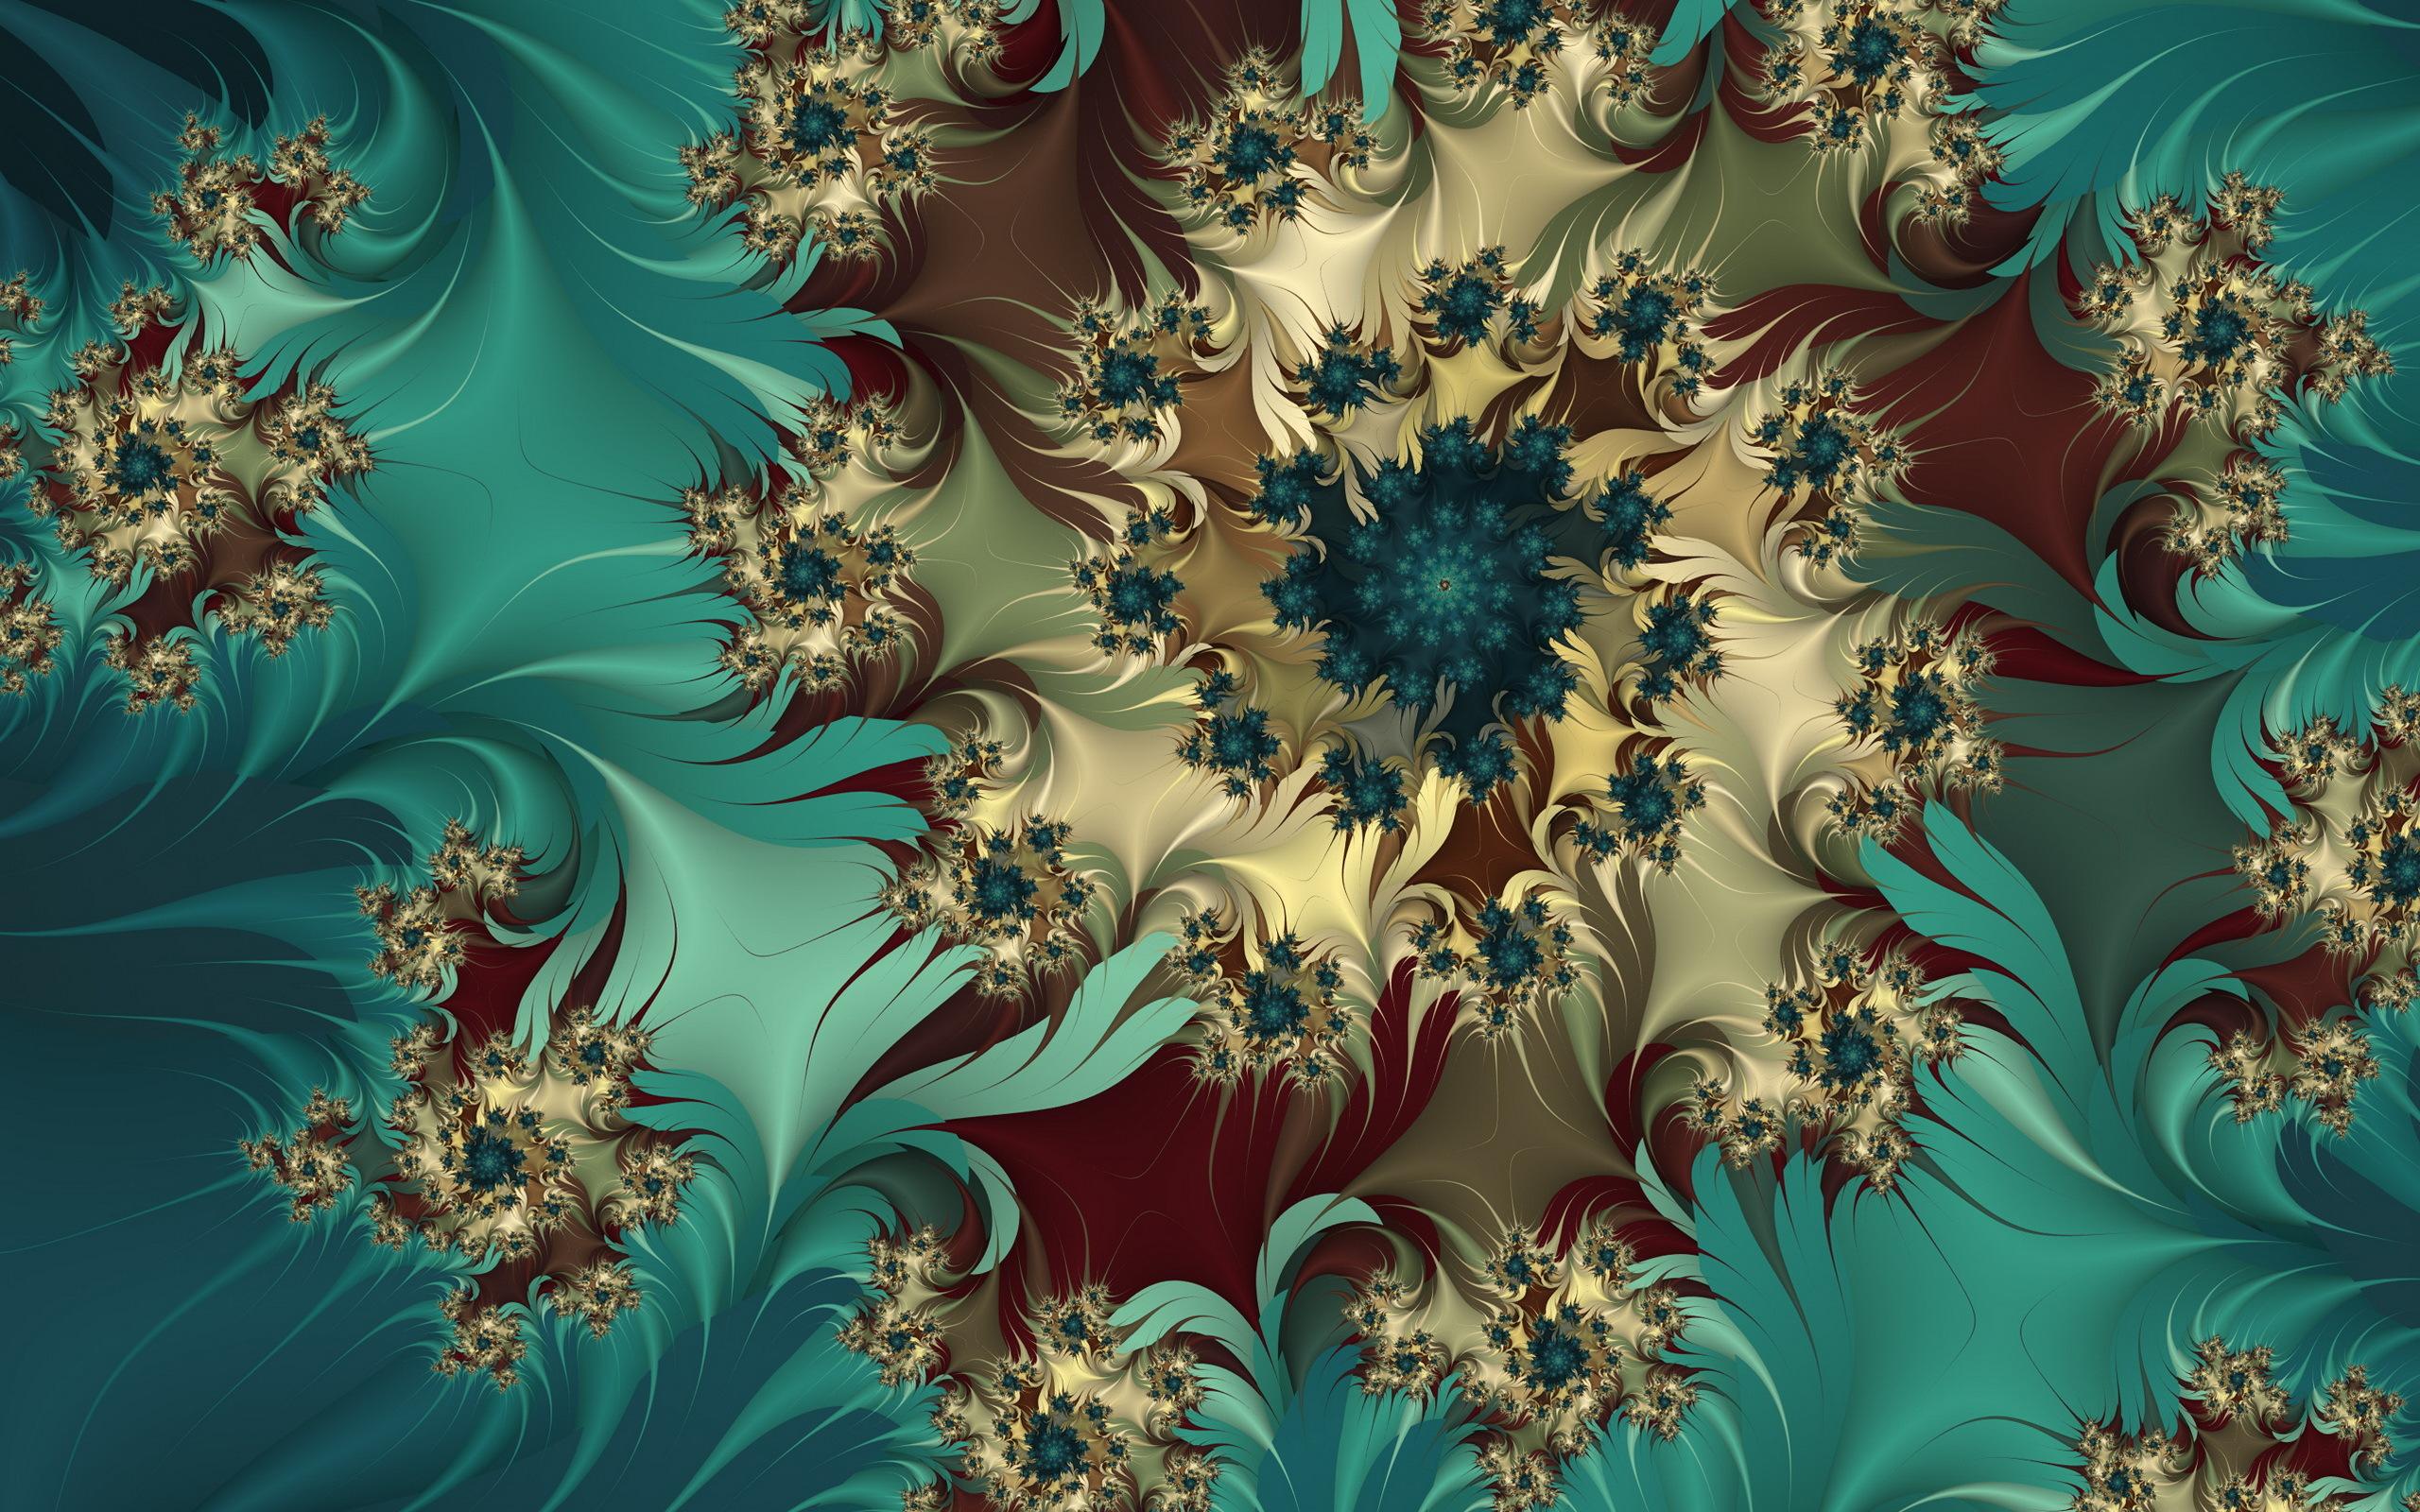 Картинки в бирюзовом цвете в хорошем качестве